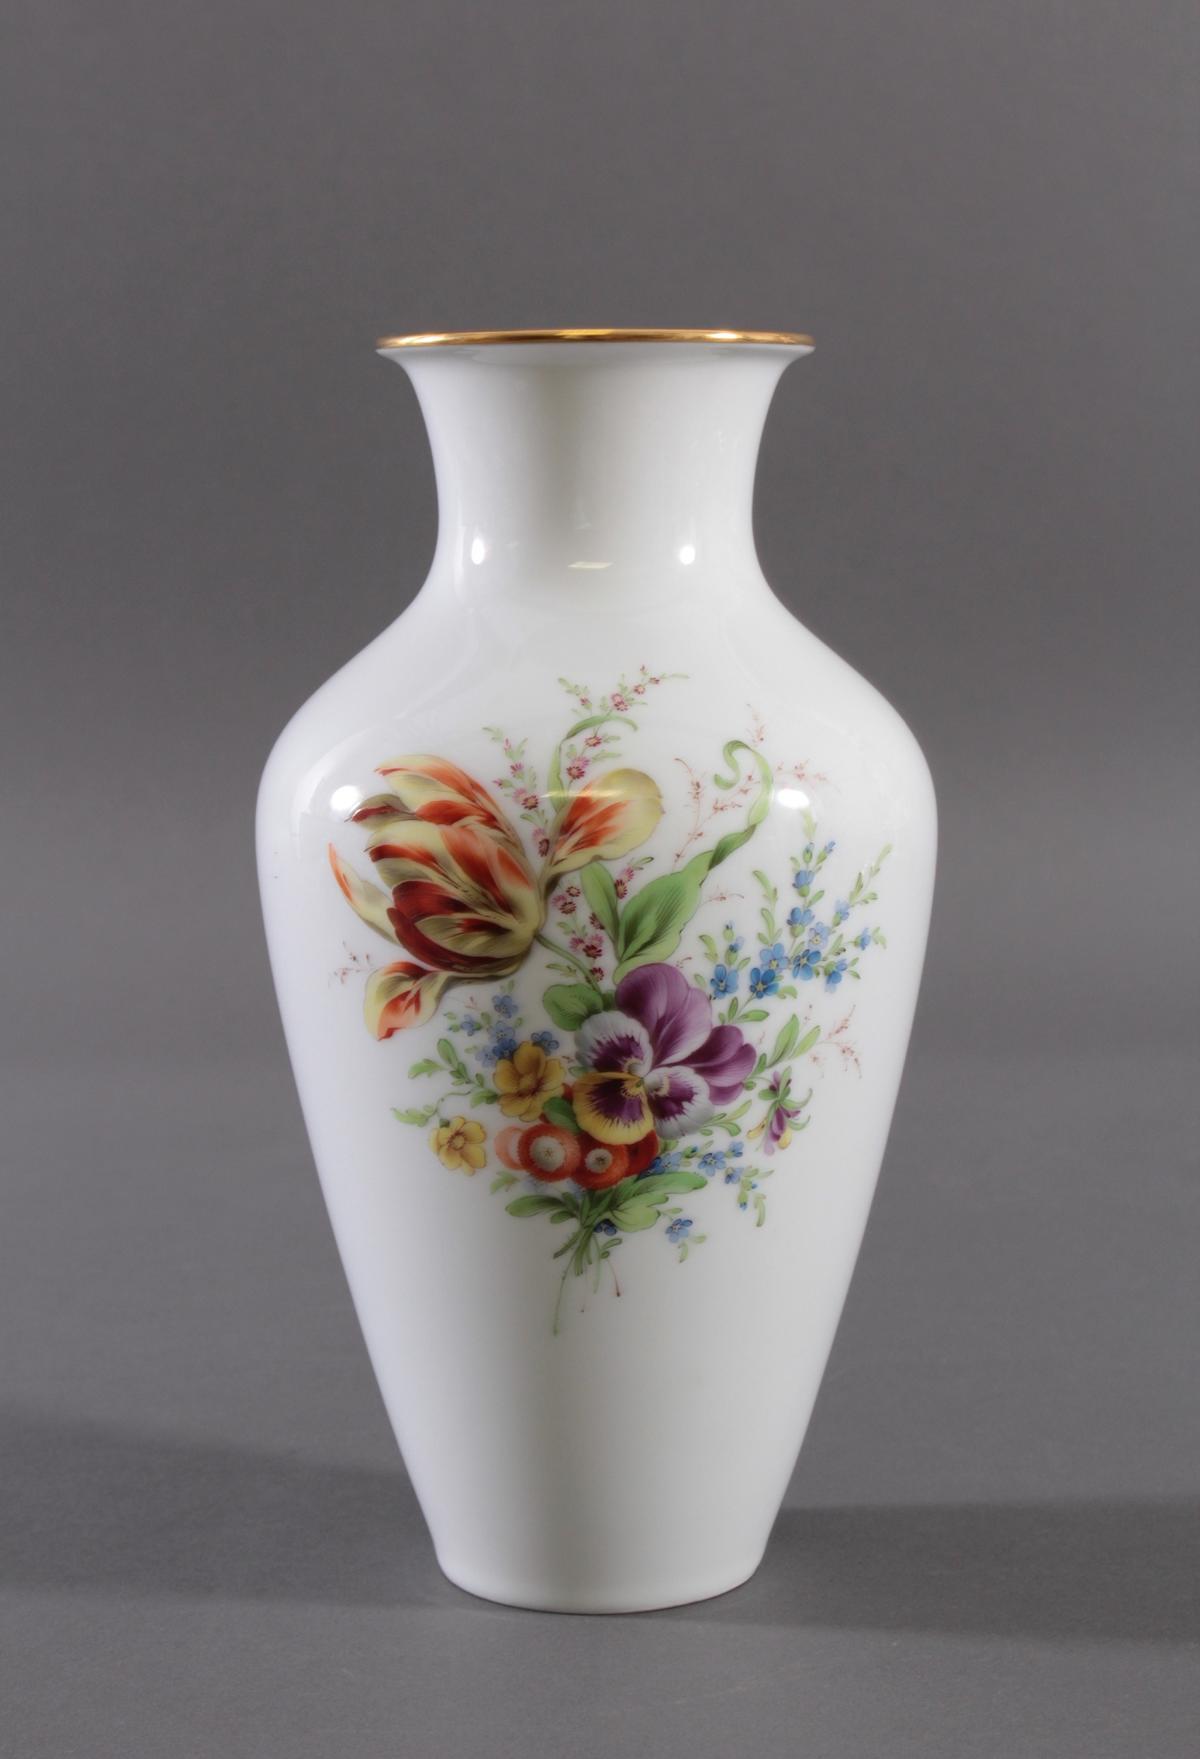 Große Vase, Höchster Porzellanmanufaktur, signiert Kurt Schröder (1927 – 2008)